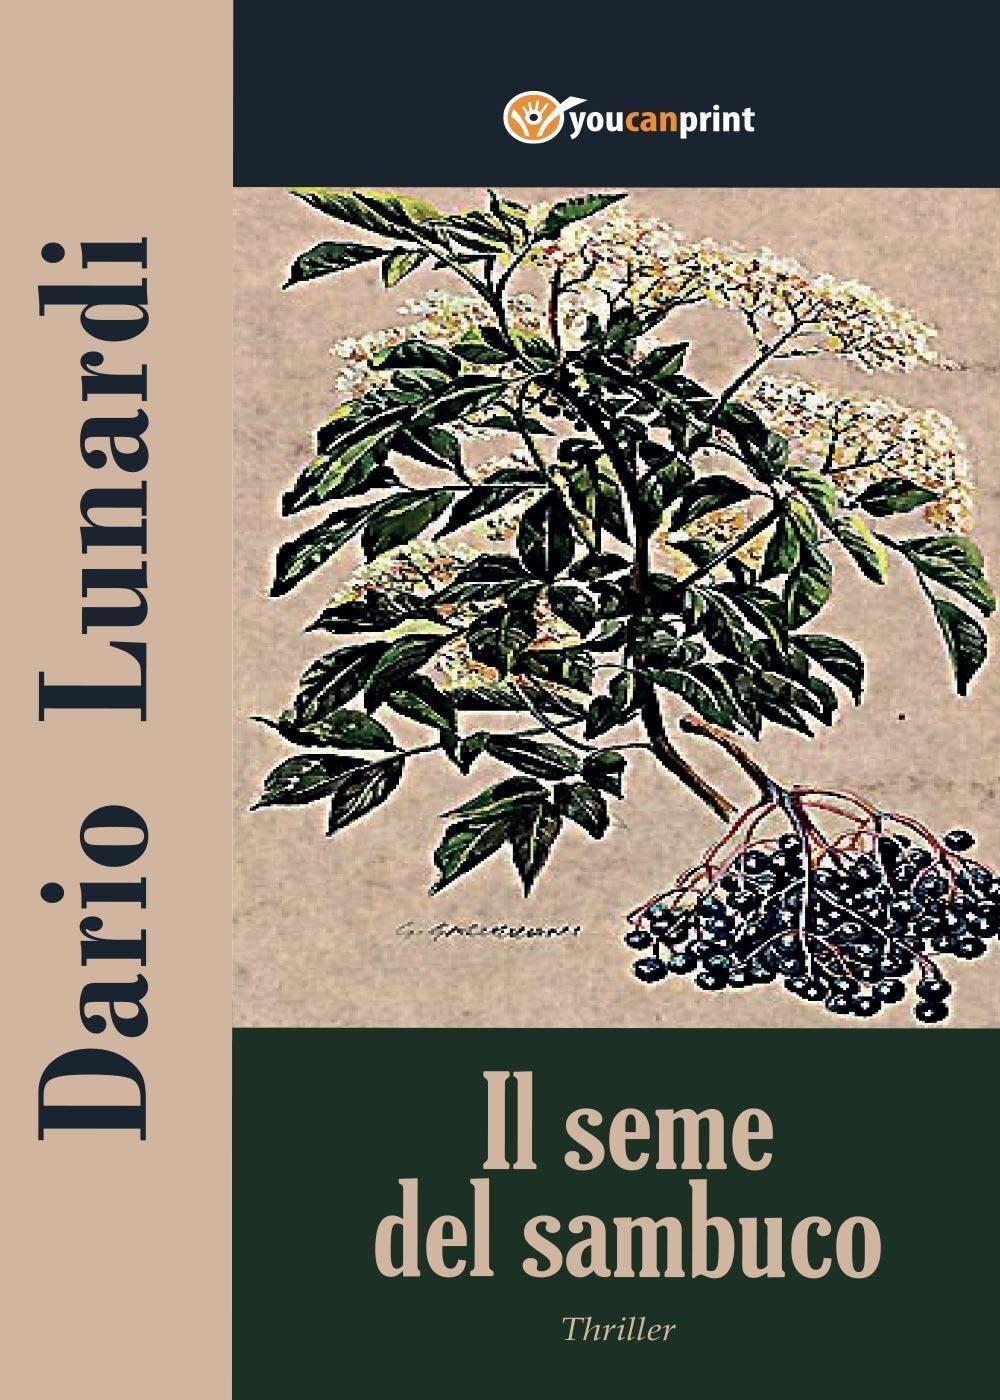 Il seme del sambuco